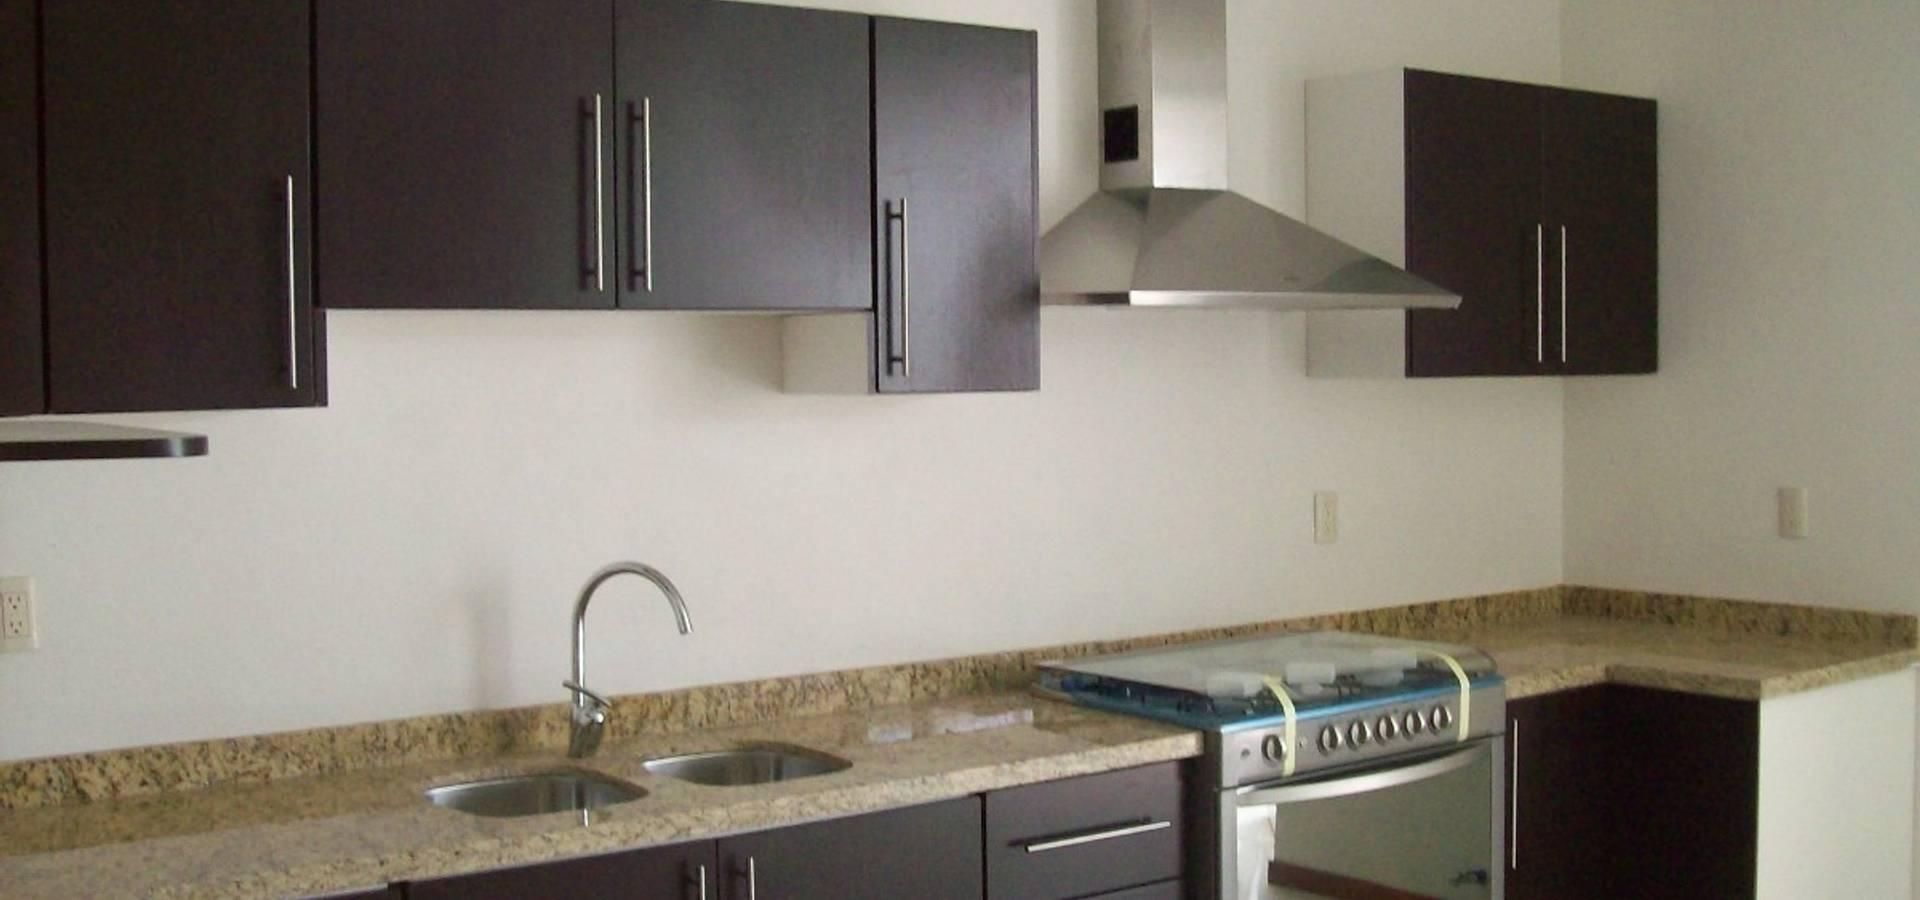 Cocinas integrales de muebles bullwood homify for Cocinas y muebles integrales